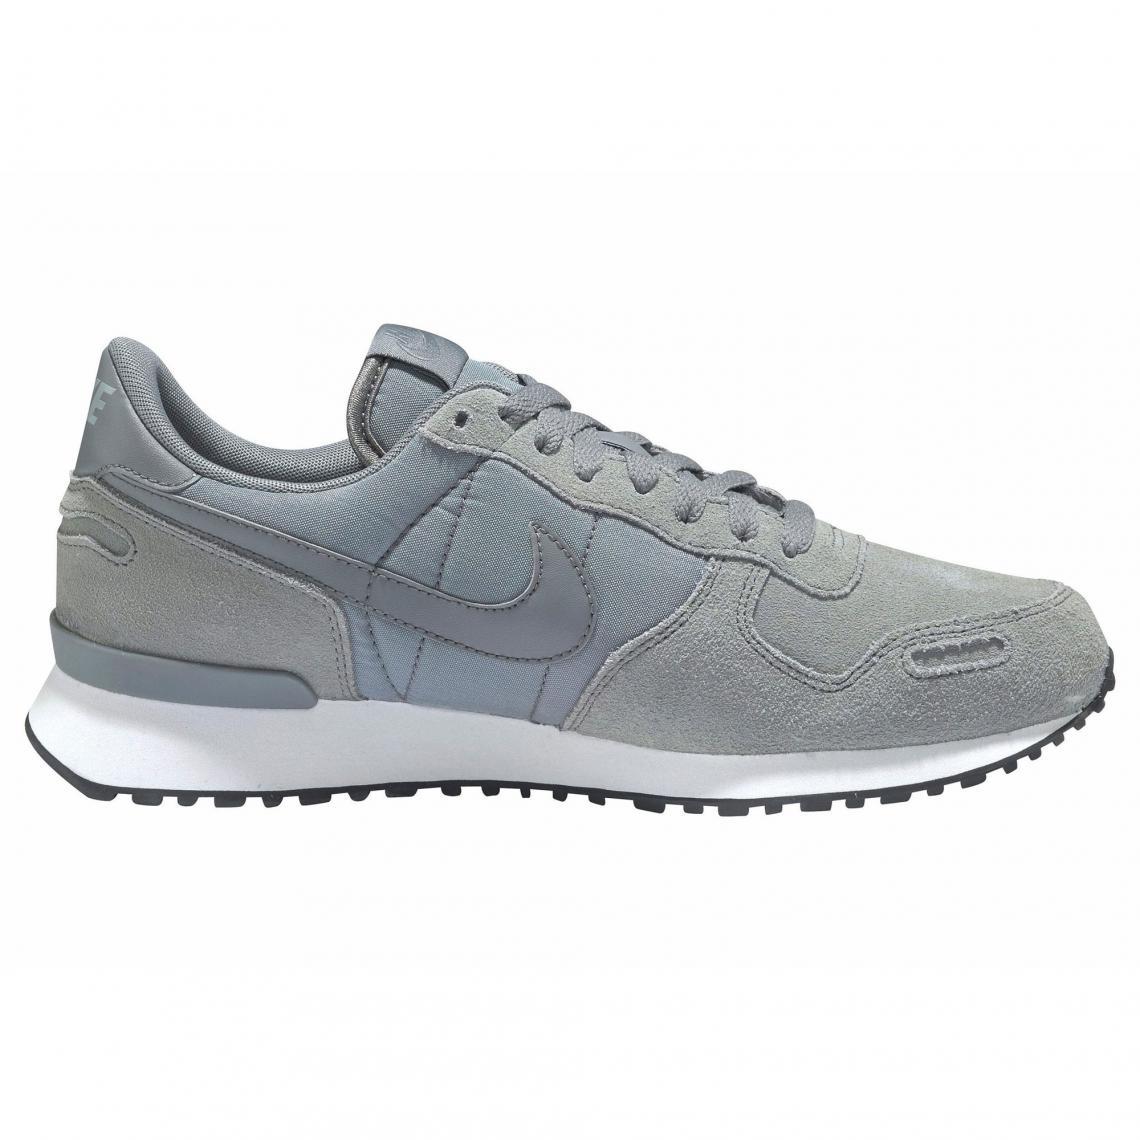 newest 7d9f4 1035e Toutes les chaussures Nike Cliquez l image pour l agrandir. Chaussures de sport  homme Air Vortex NIKE - Gris Nike